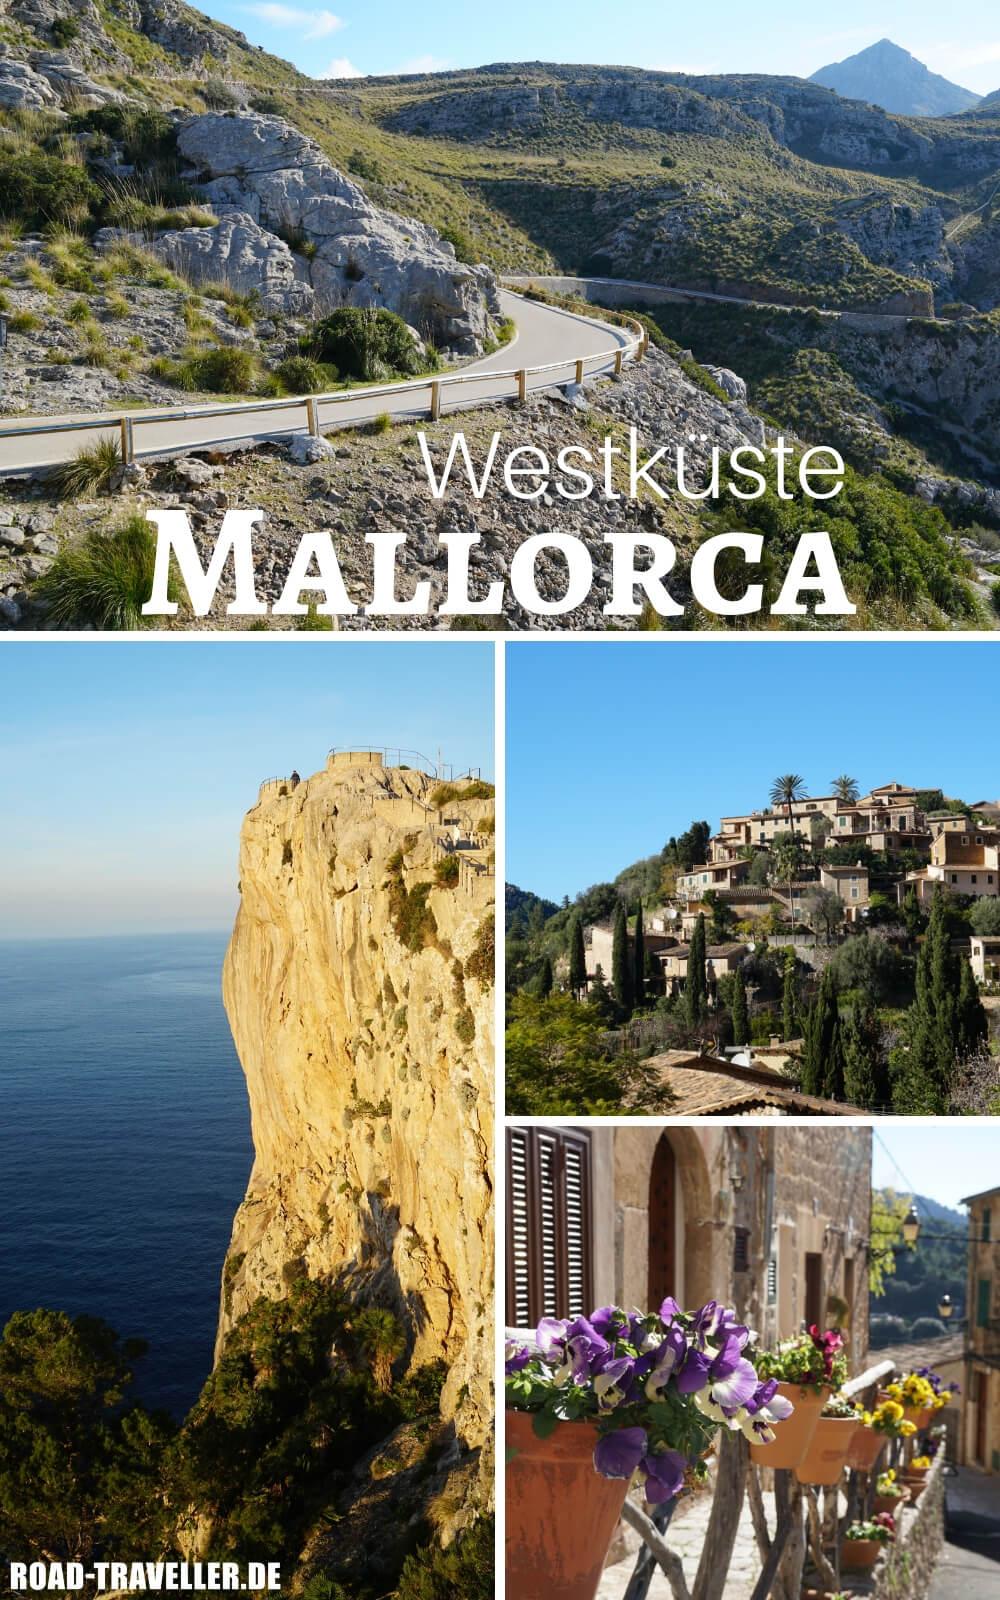 Unser Roadtrip durch die Serra de Tramuntana auf Mallorca - Tipps und Highlights